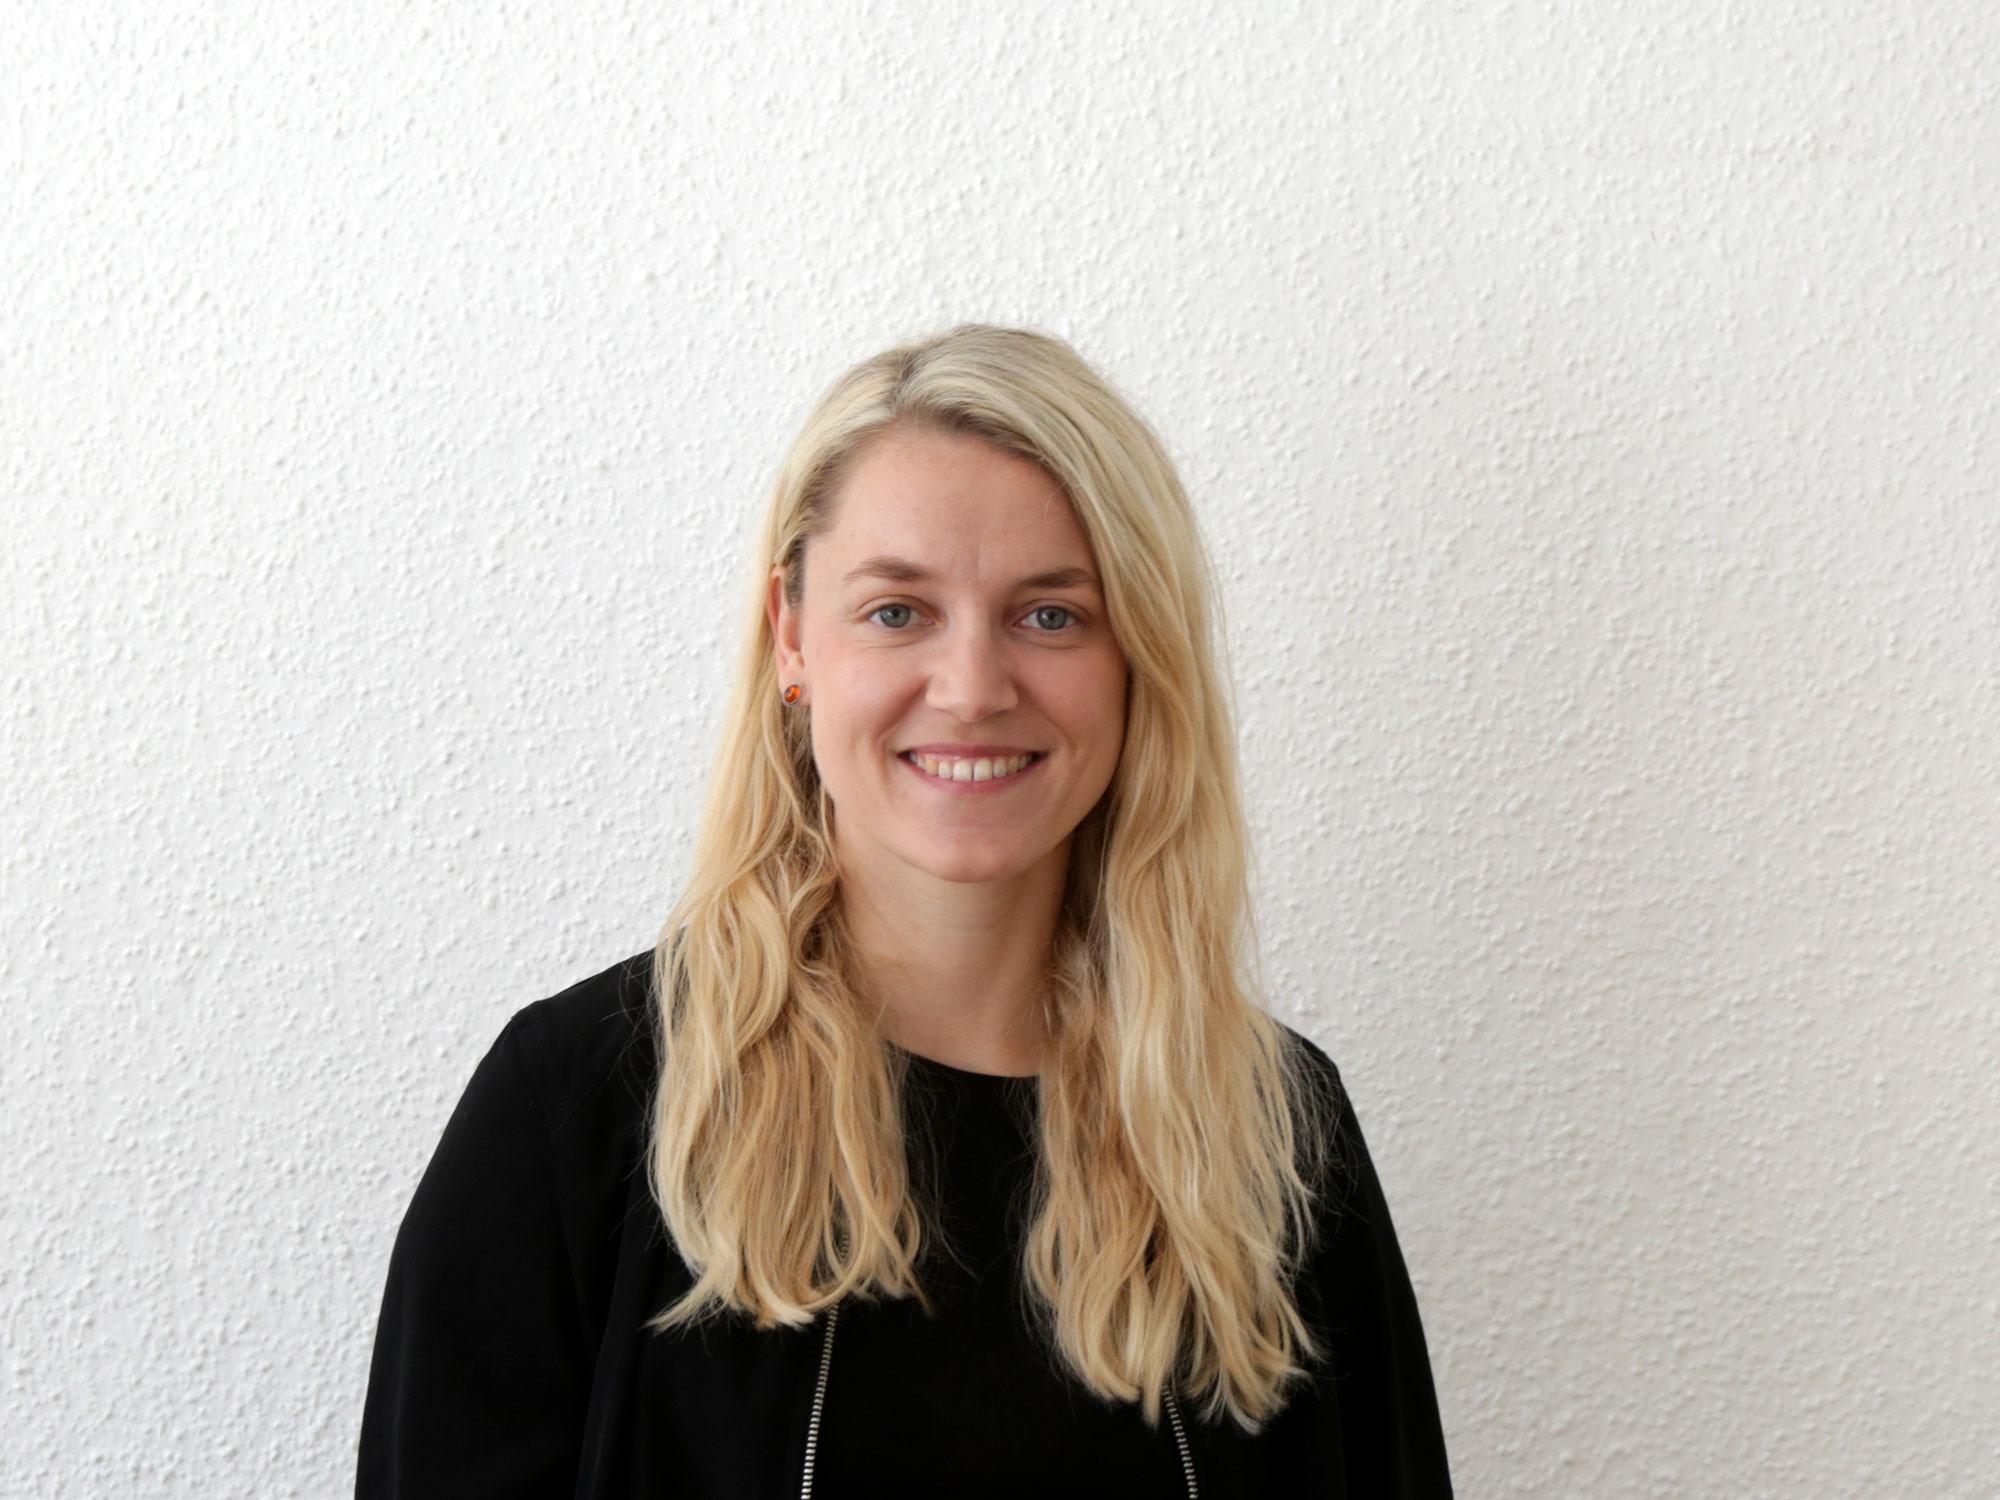 Sandra Staehr ist neue PR Consultant bei epr – elsaesser public relations